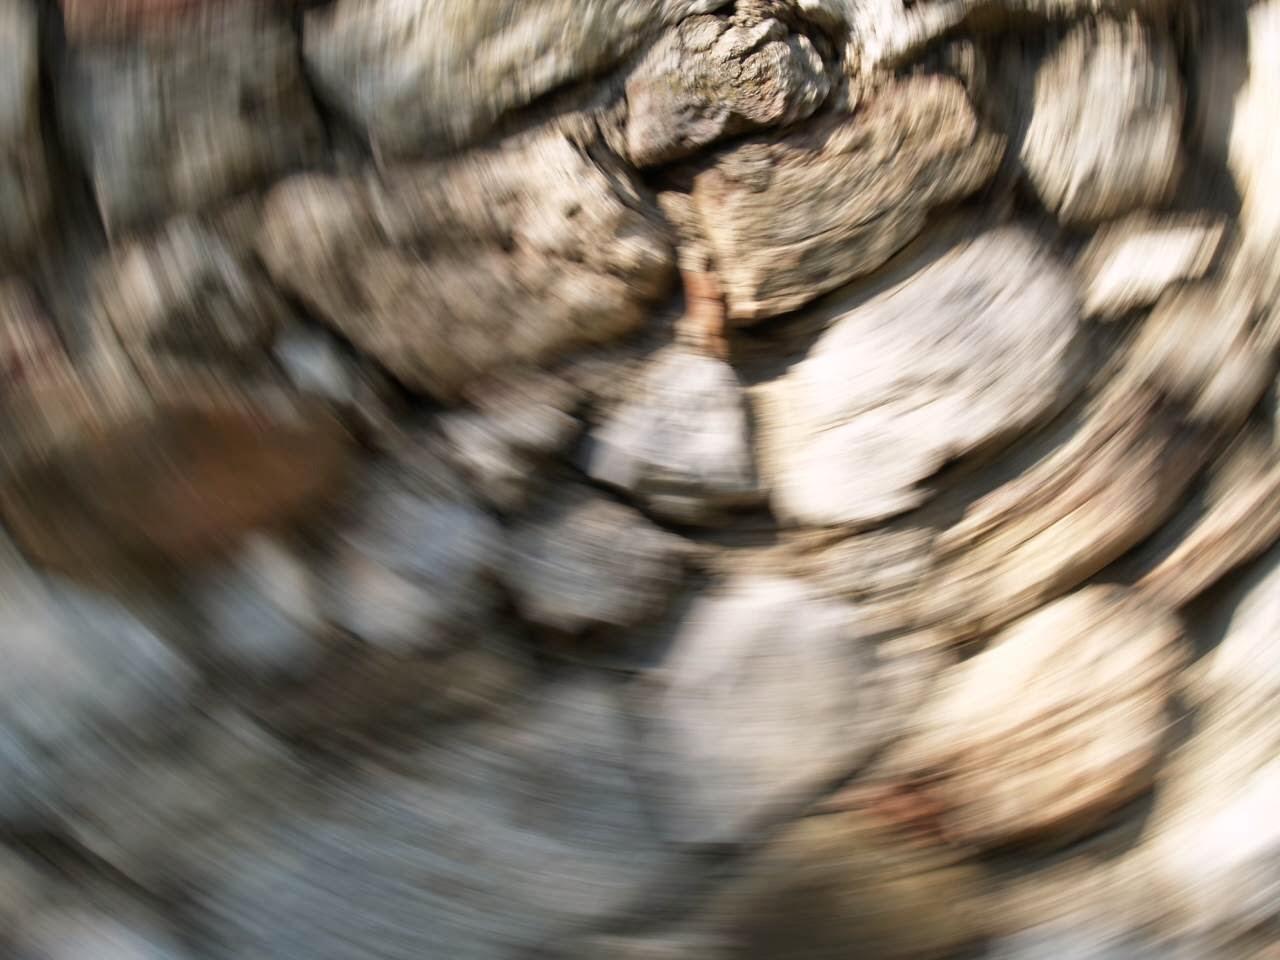 Smotra, Smotra 2006 - P0220671.JPG